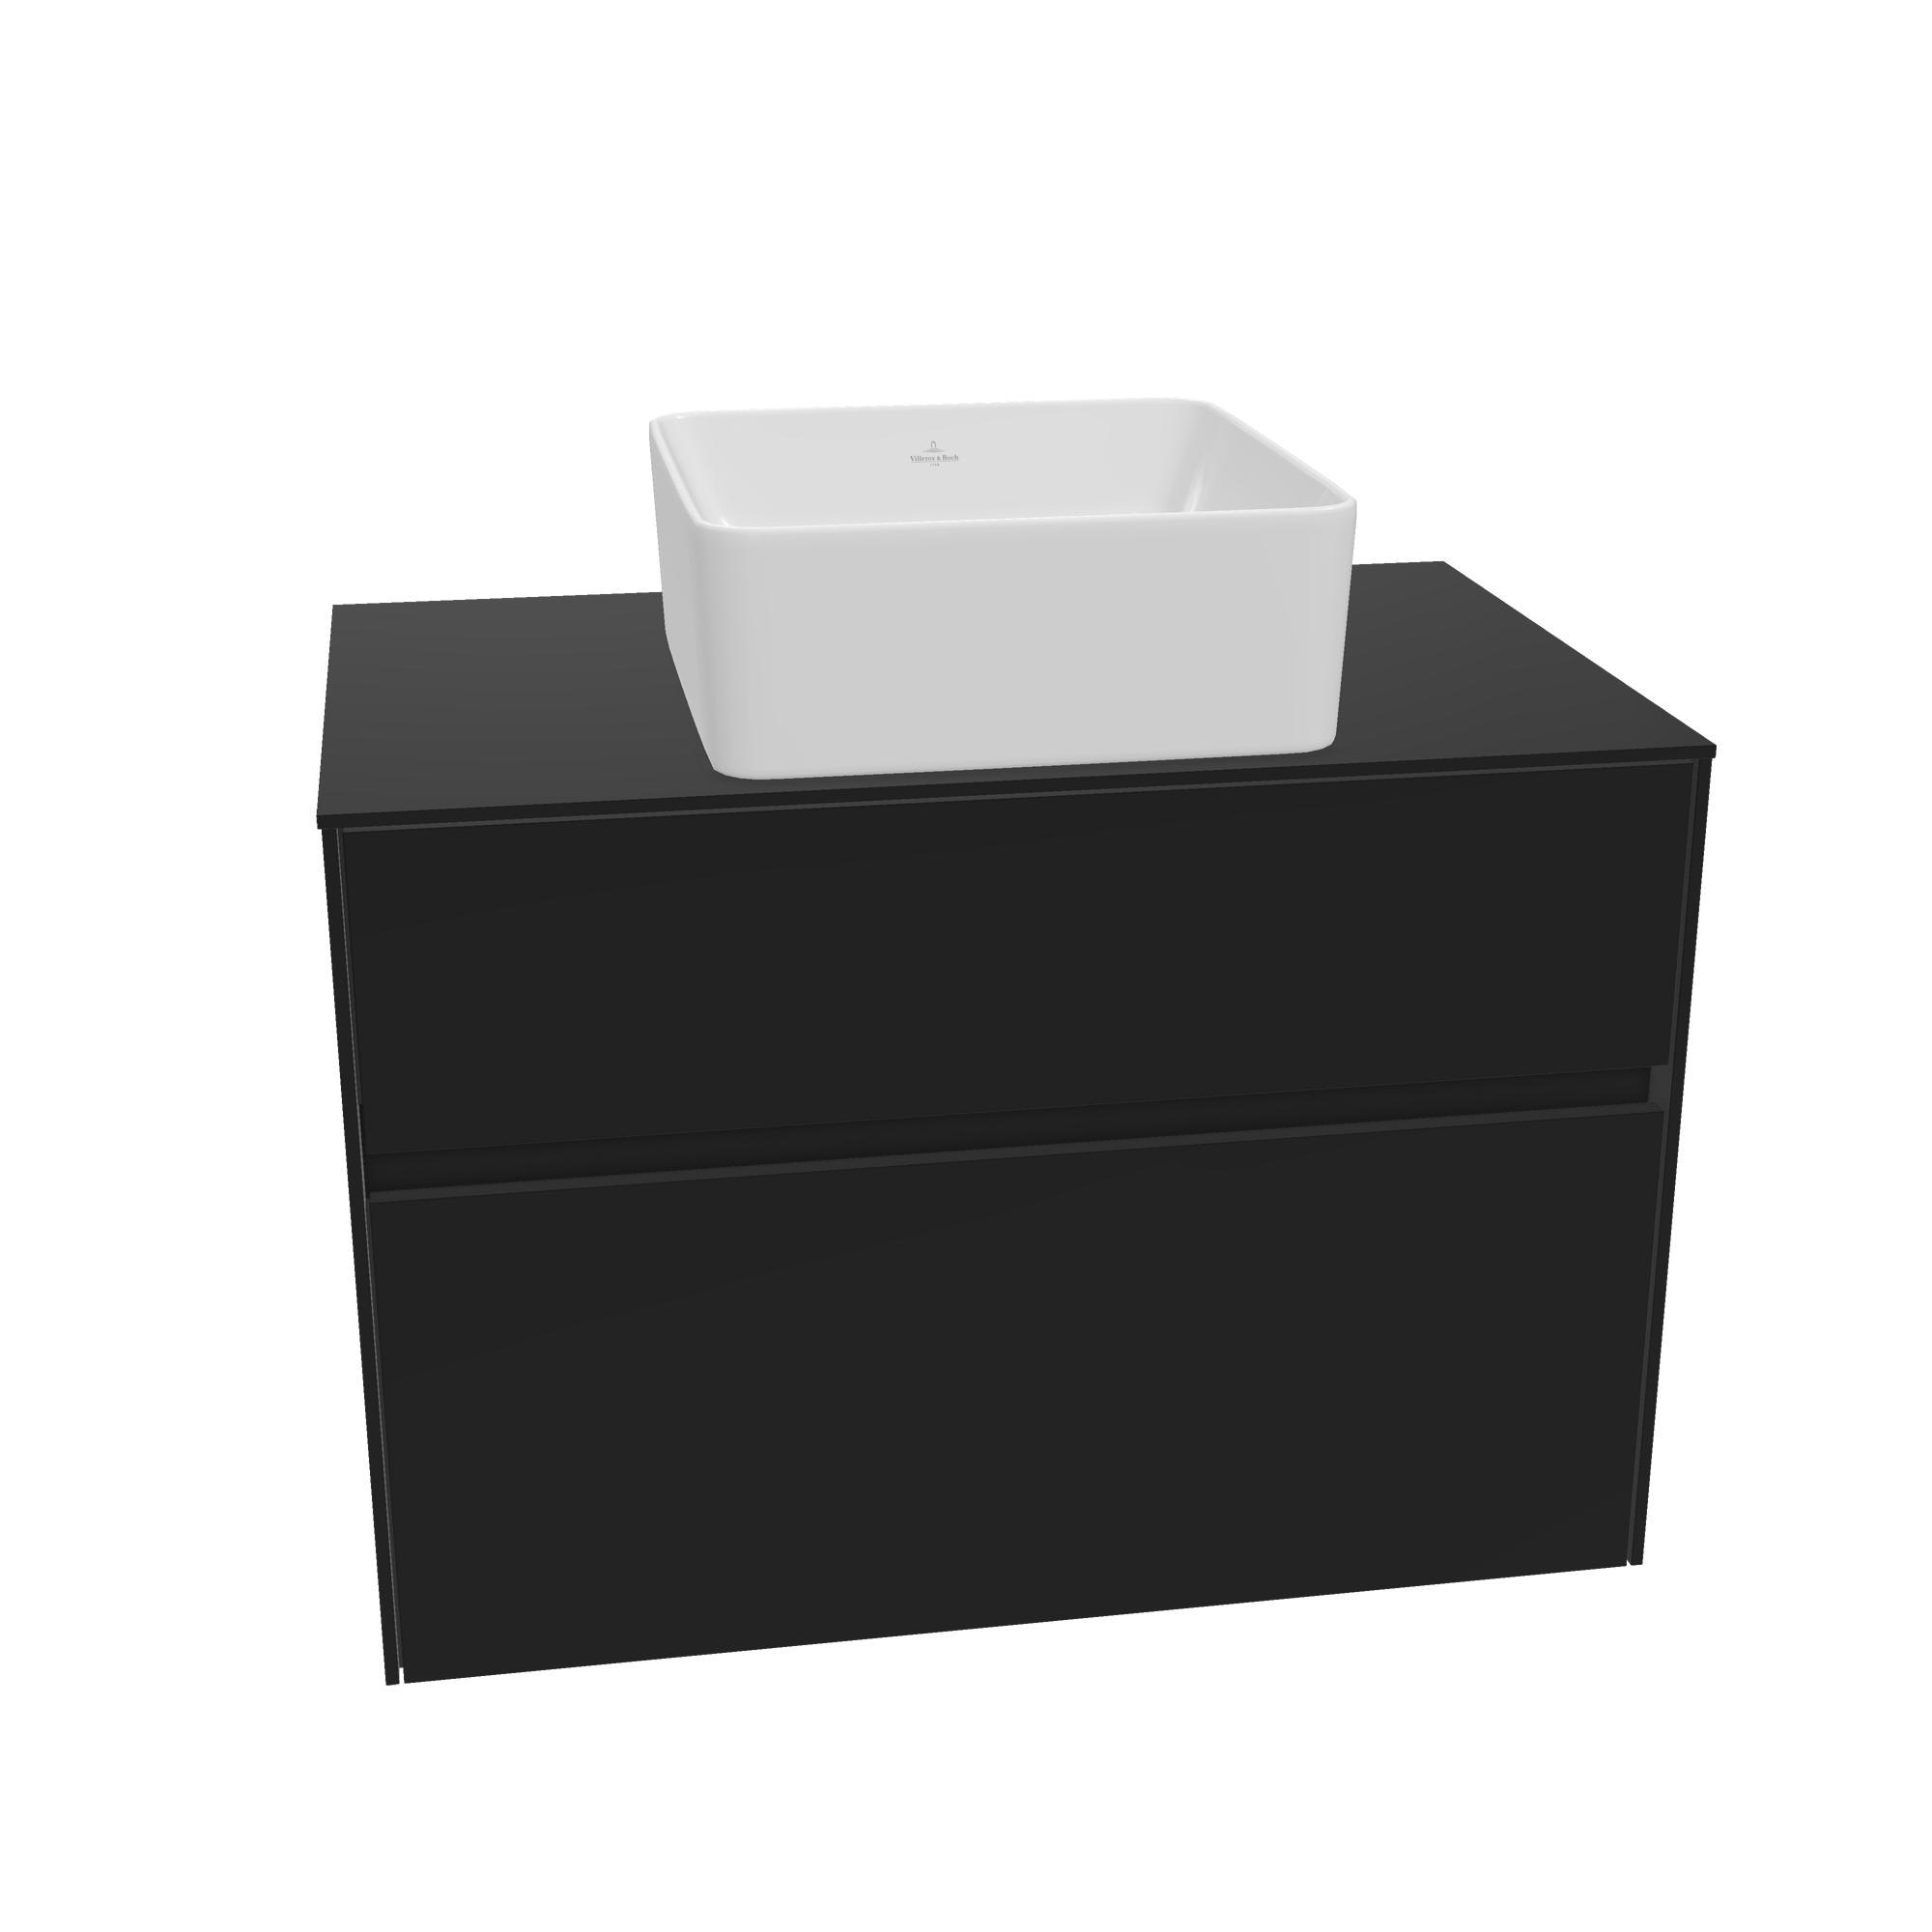 Tvättställsskåp Villeroy & Boch Collaro med 2 Lådor för Fristående Tvättställ